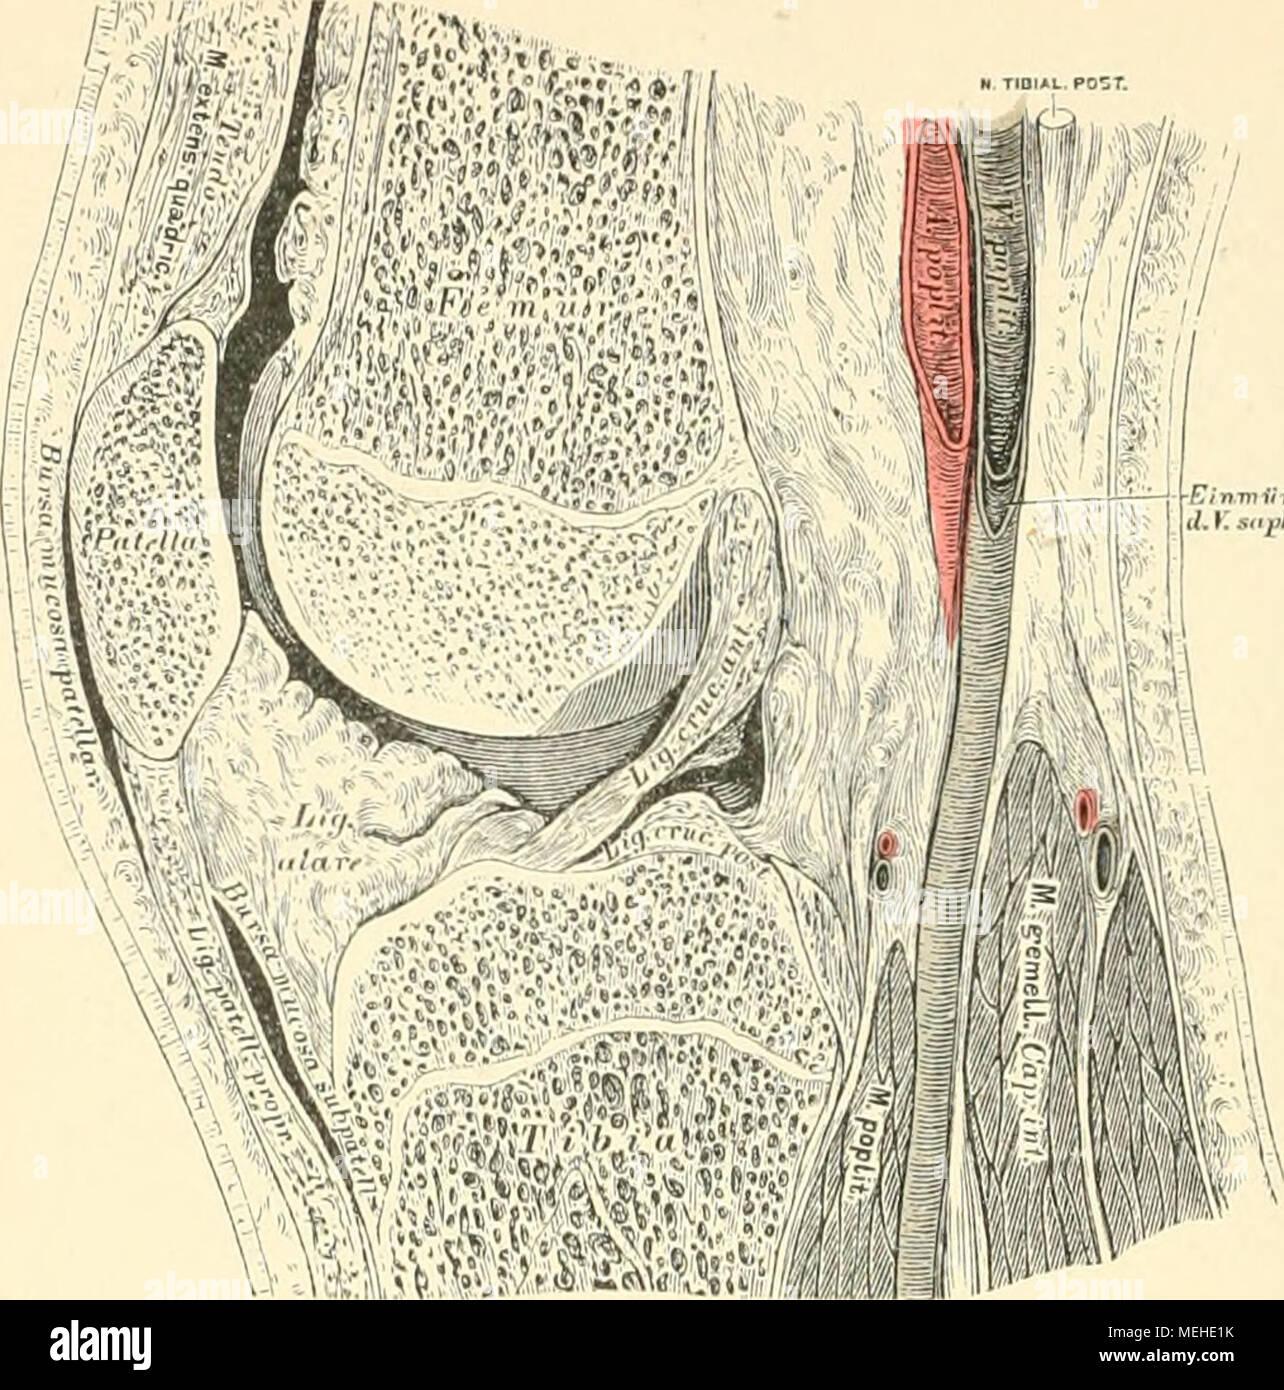 Ausgezeichnet Mitte Rückenmuskulatur Anatomie Ideen - Anatomie Ideen ...